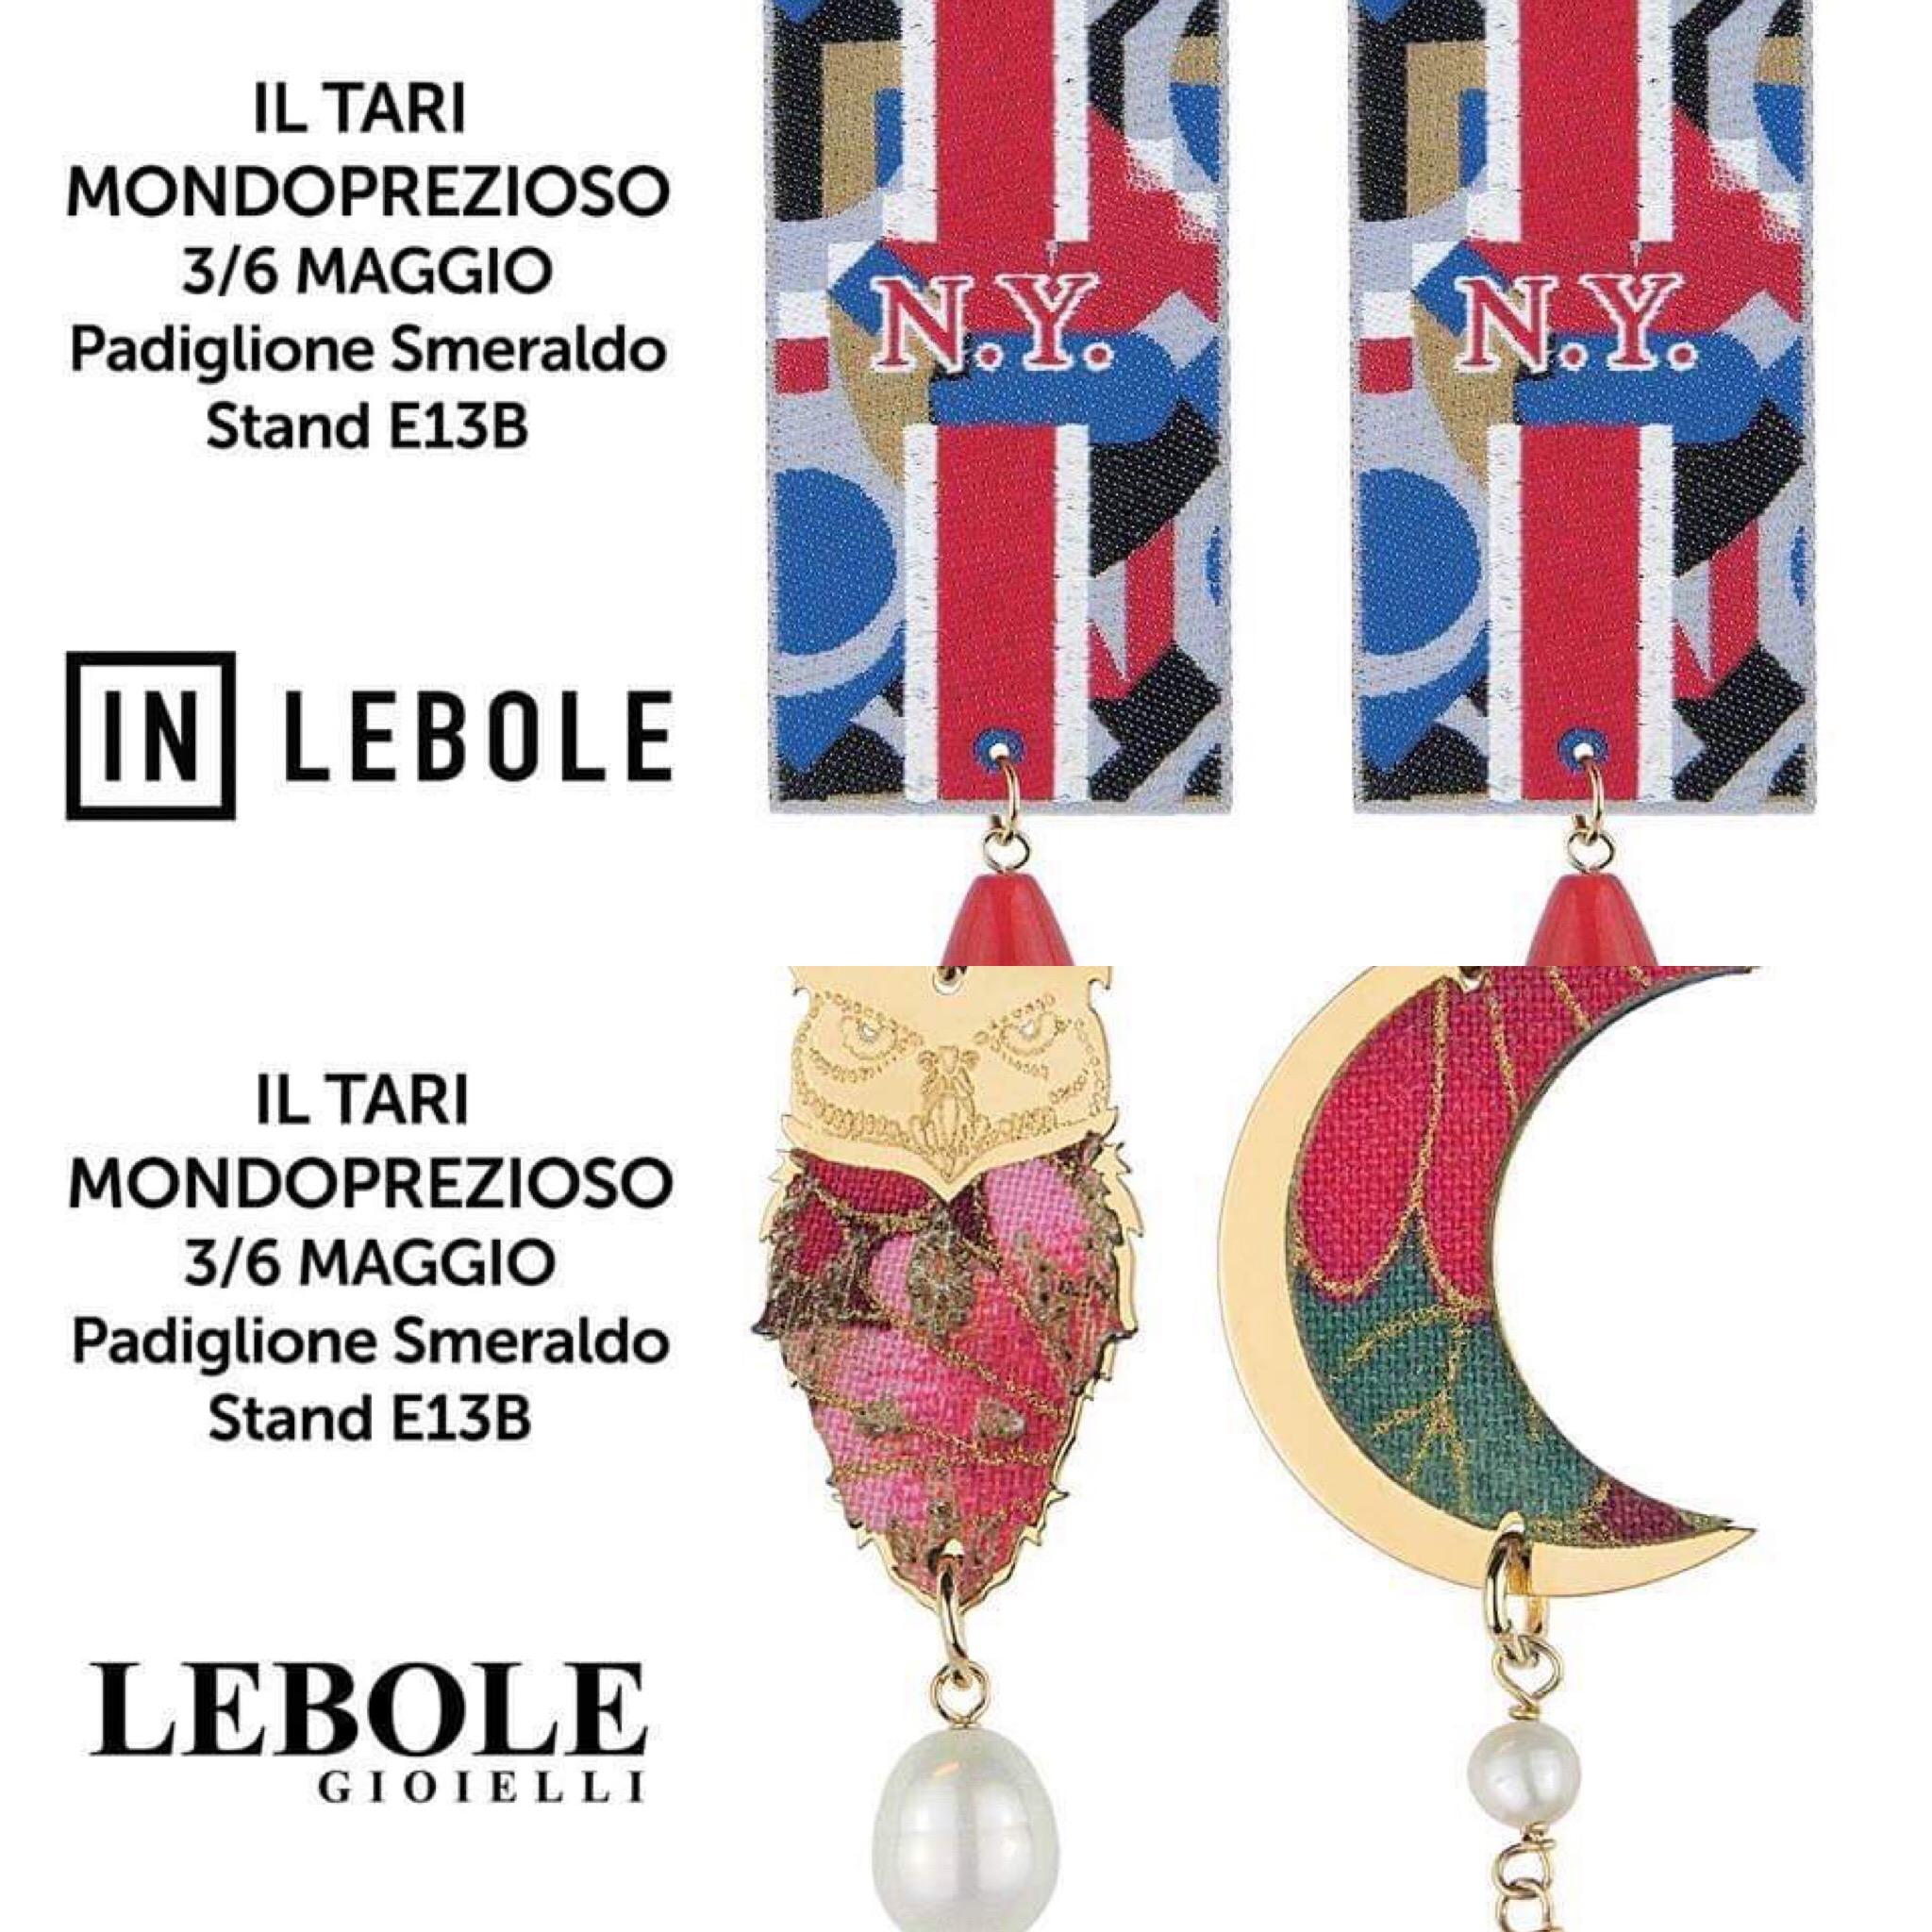 Lebole Gioielli e In Lebole a Tarì mondoprezioso